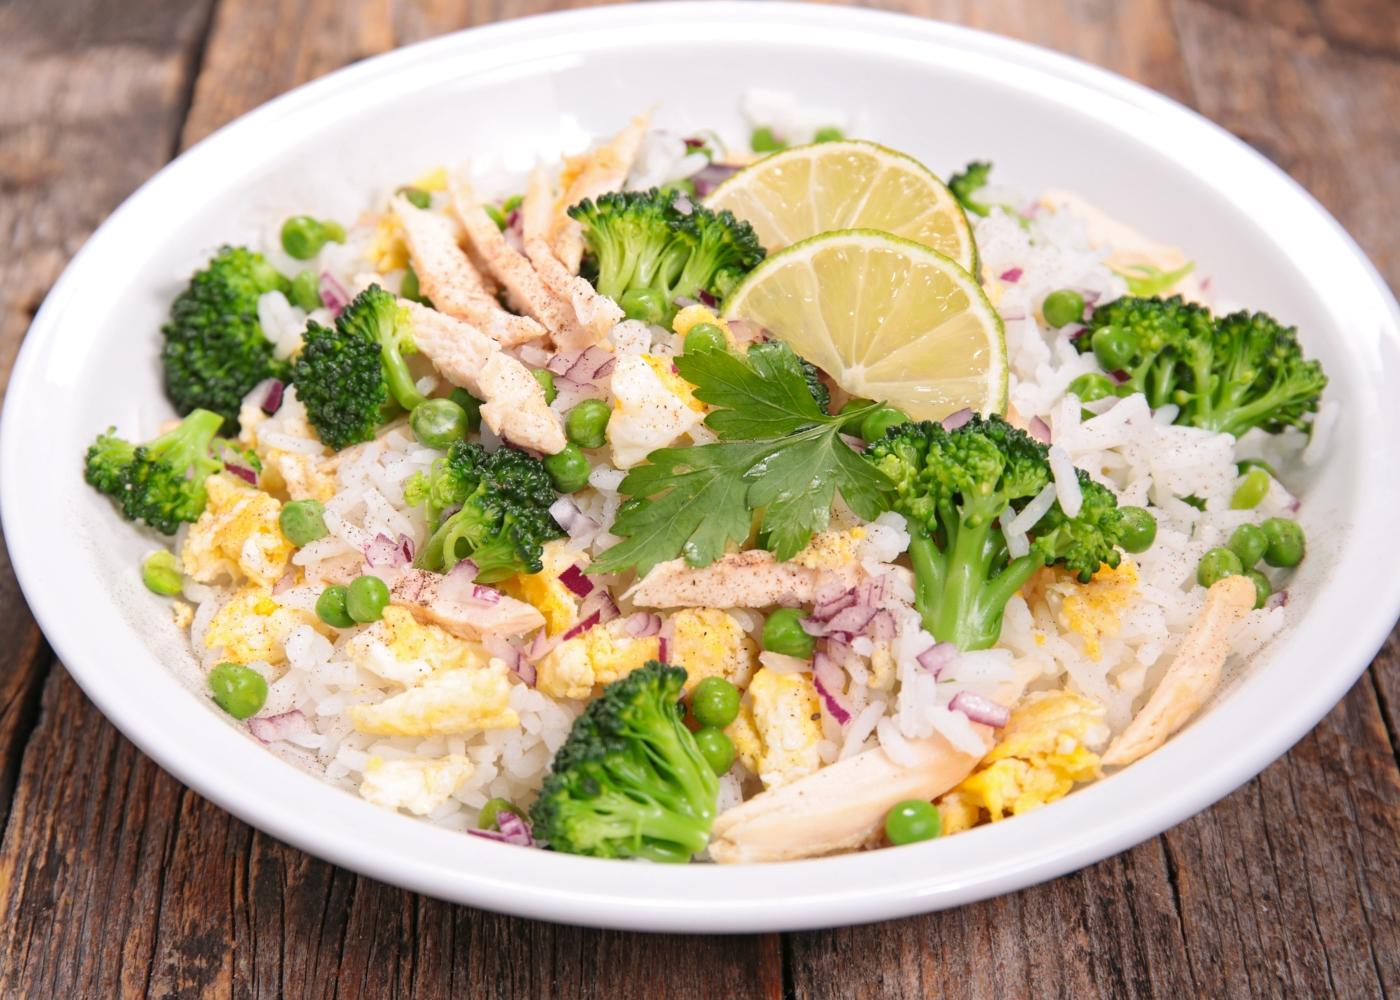 prato com salada de arroz e frango